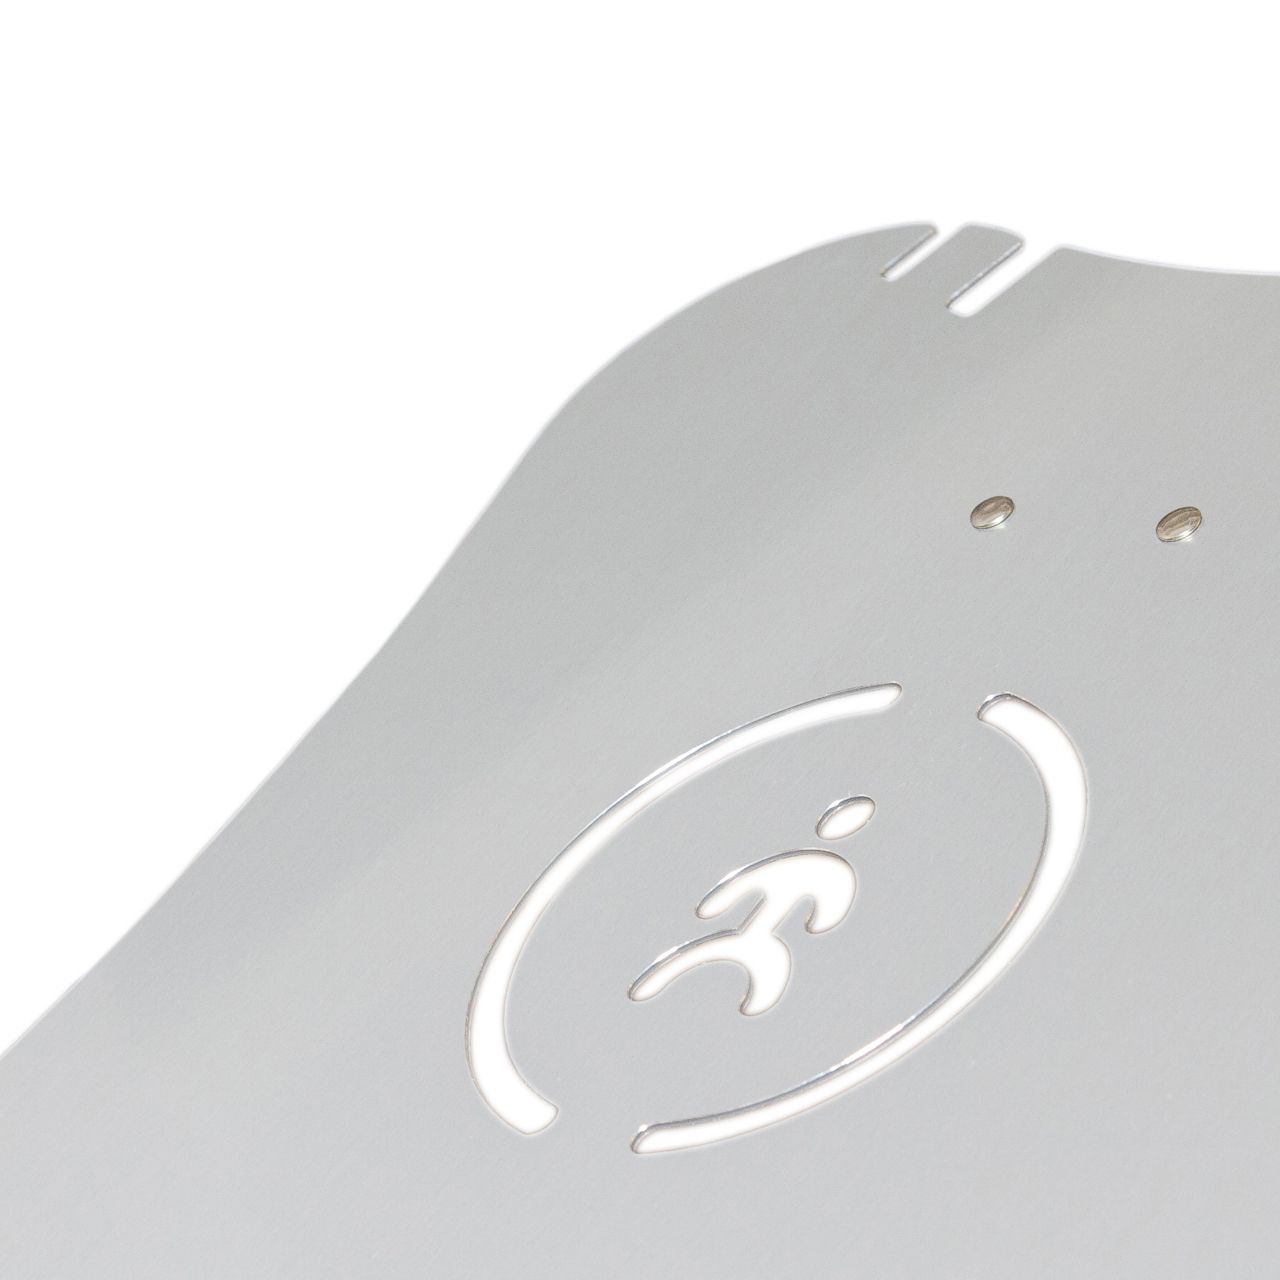 Topmate II laptopstandaard Detail zoom